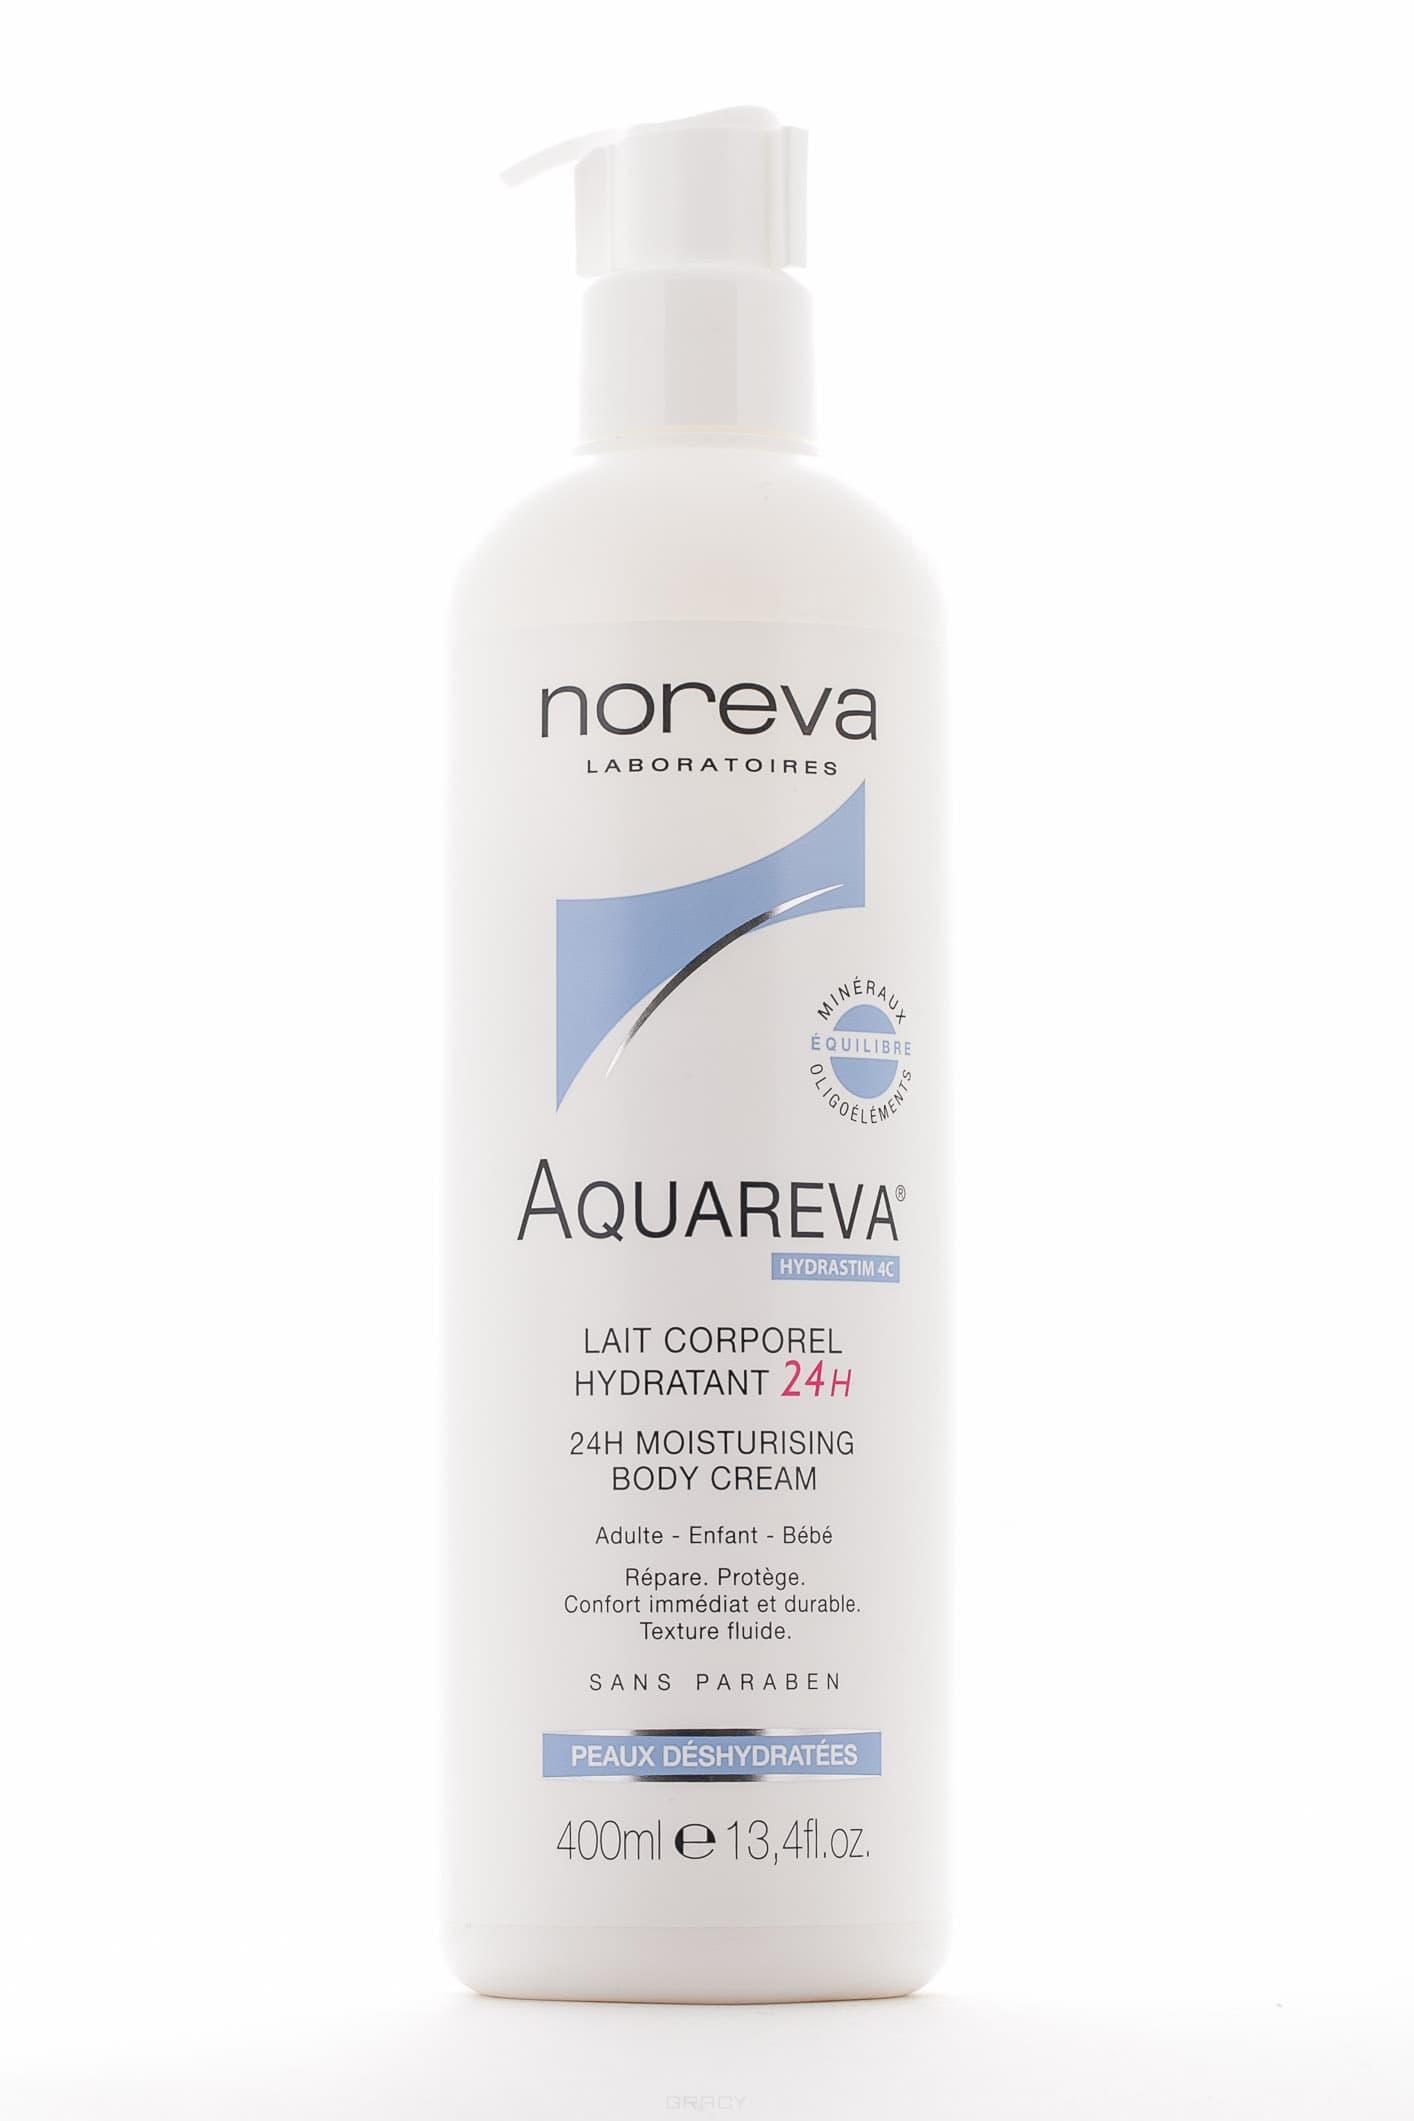 Noreva, Увлажняющие молочко для тела Aquareva, помпа, 400 мл noreva увлажняющая экспресс маска aquareva 50 мл